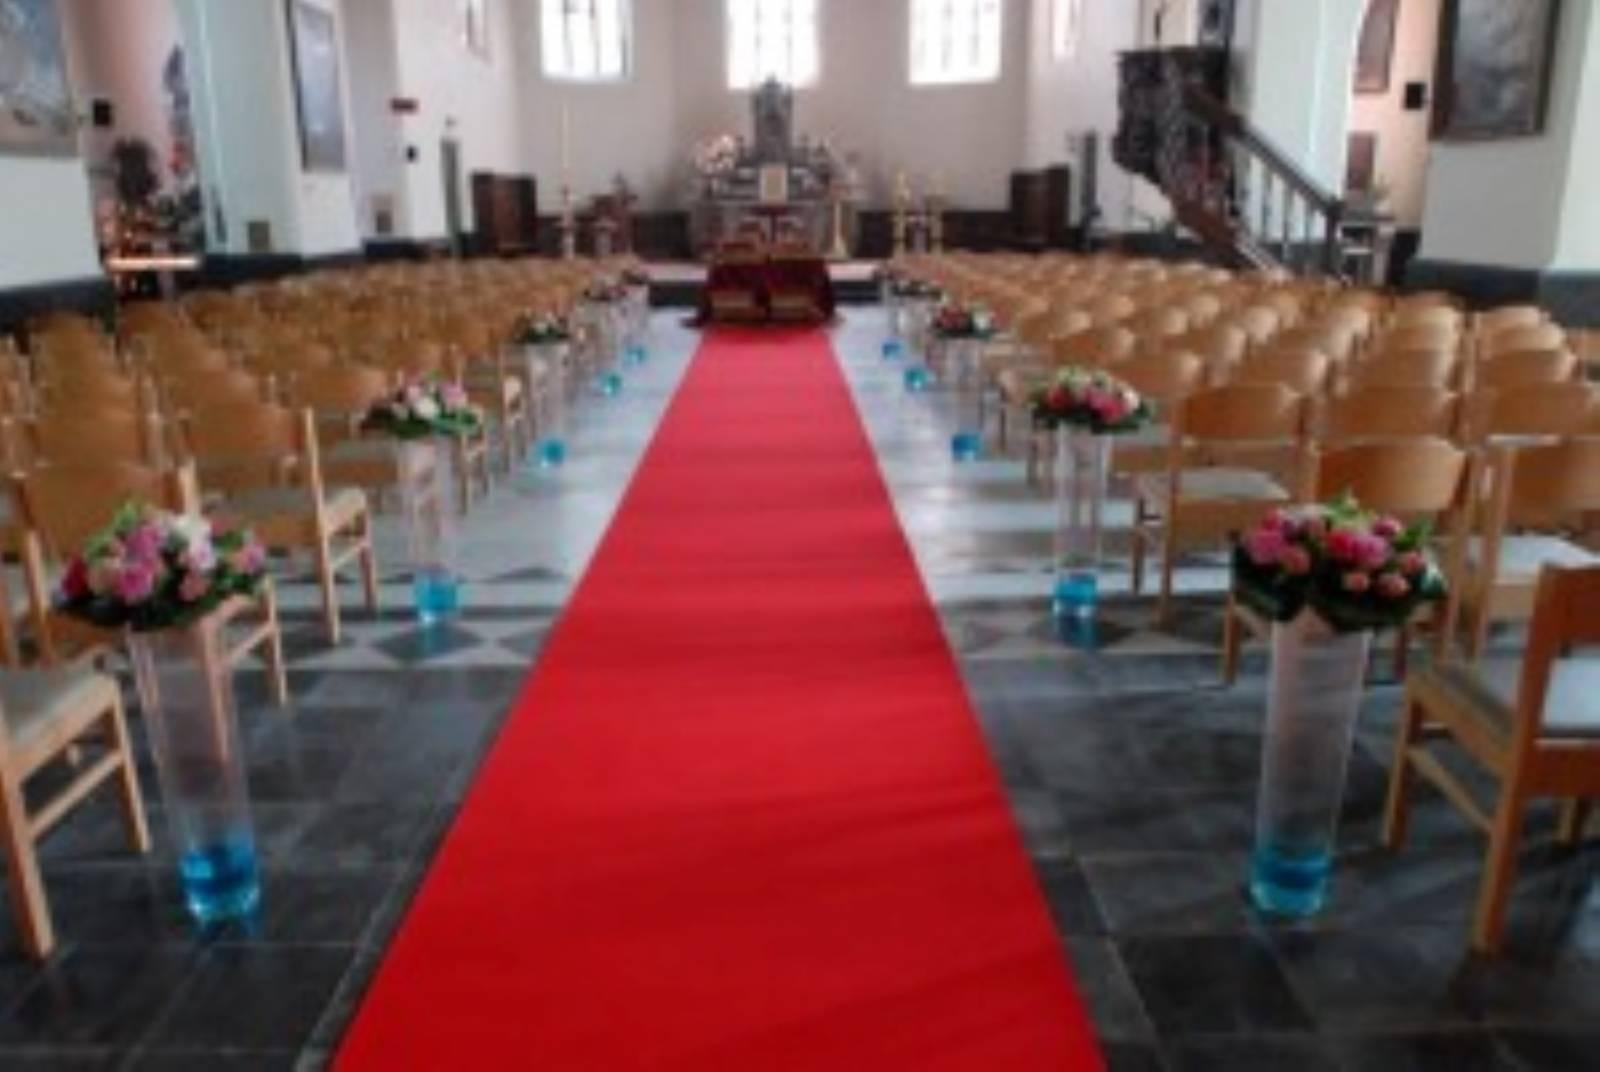 House of Weddings Ceremonie Schoonbaert Trouwvervoer Rode Loper Ceremoniemeester West-Vlaanderen (15)